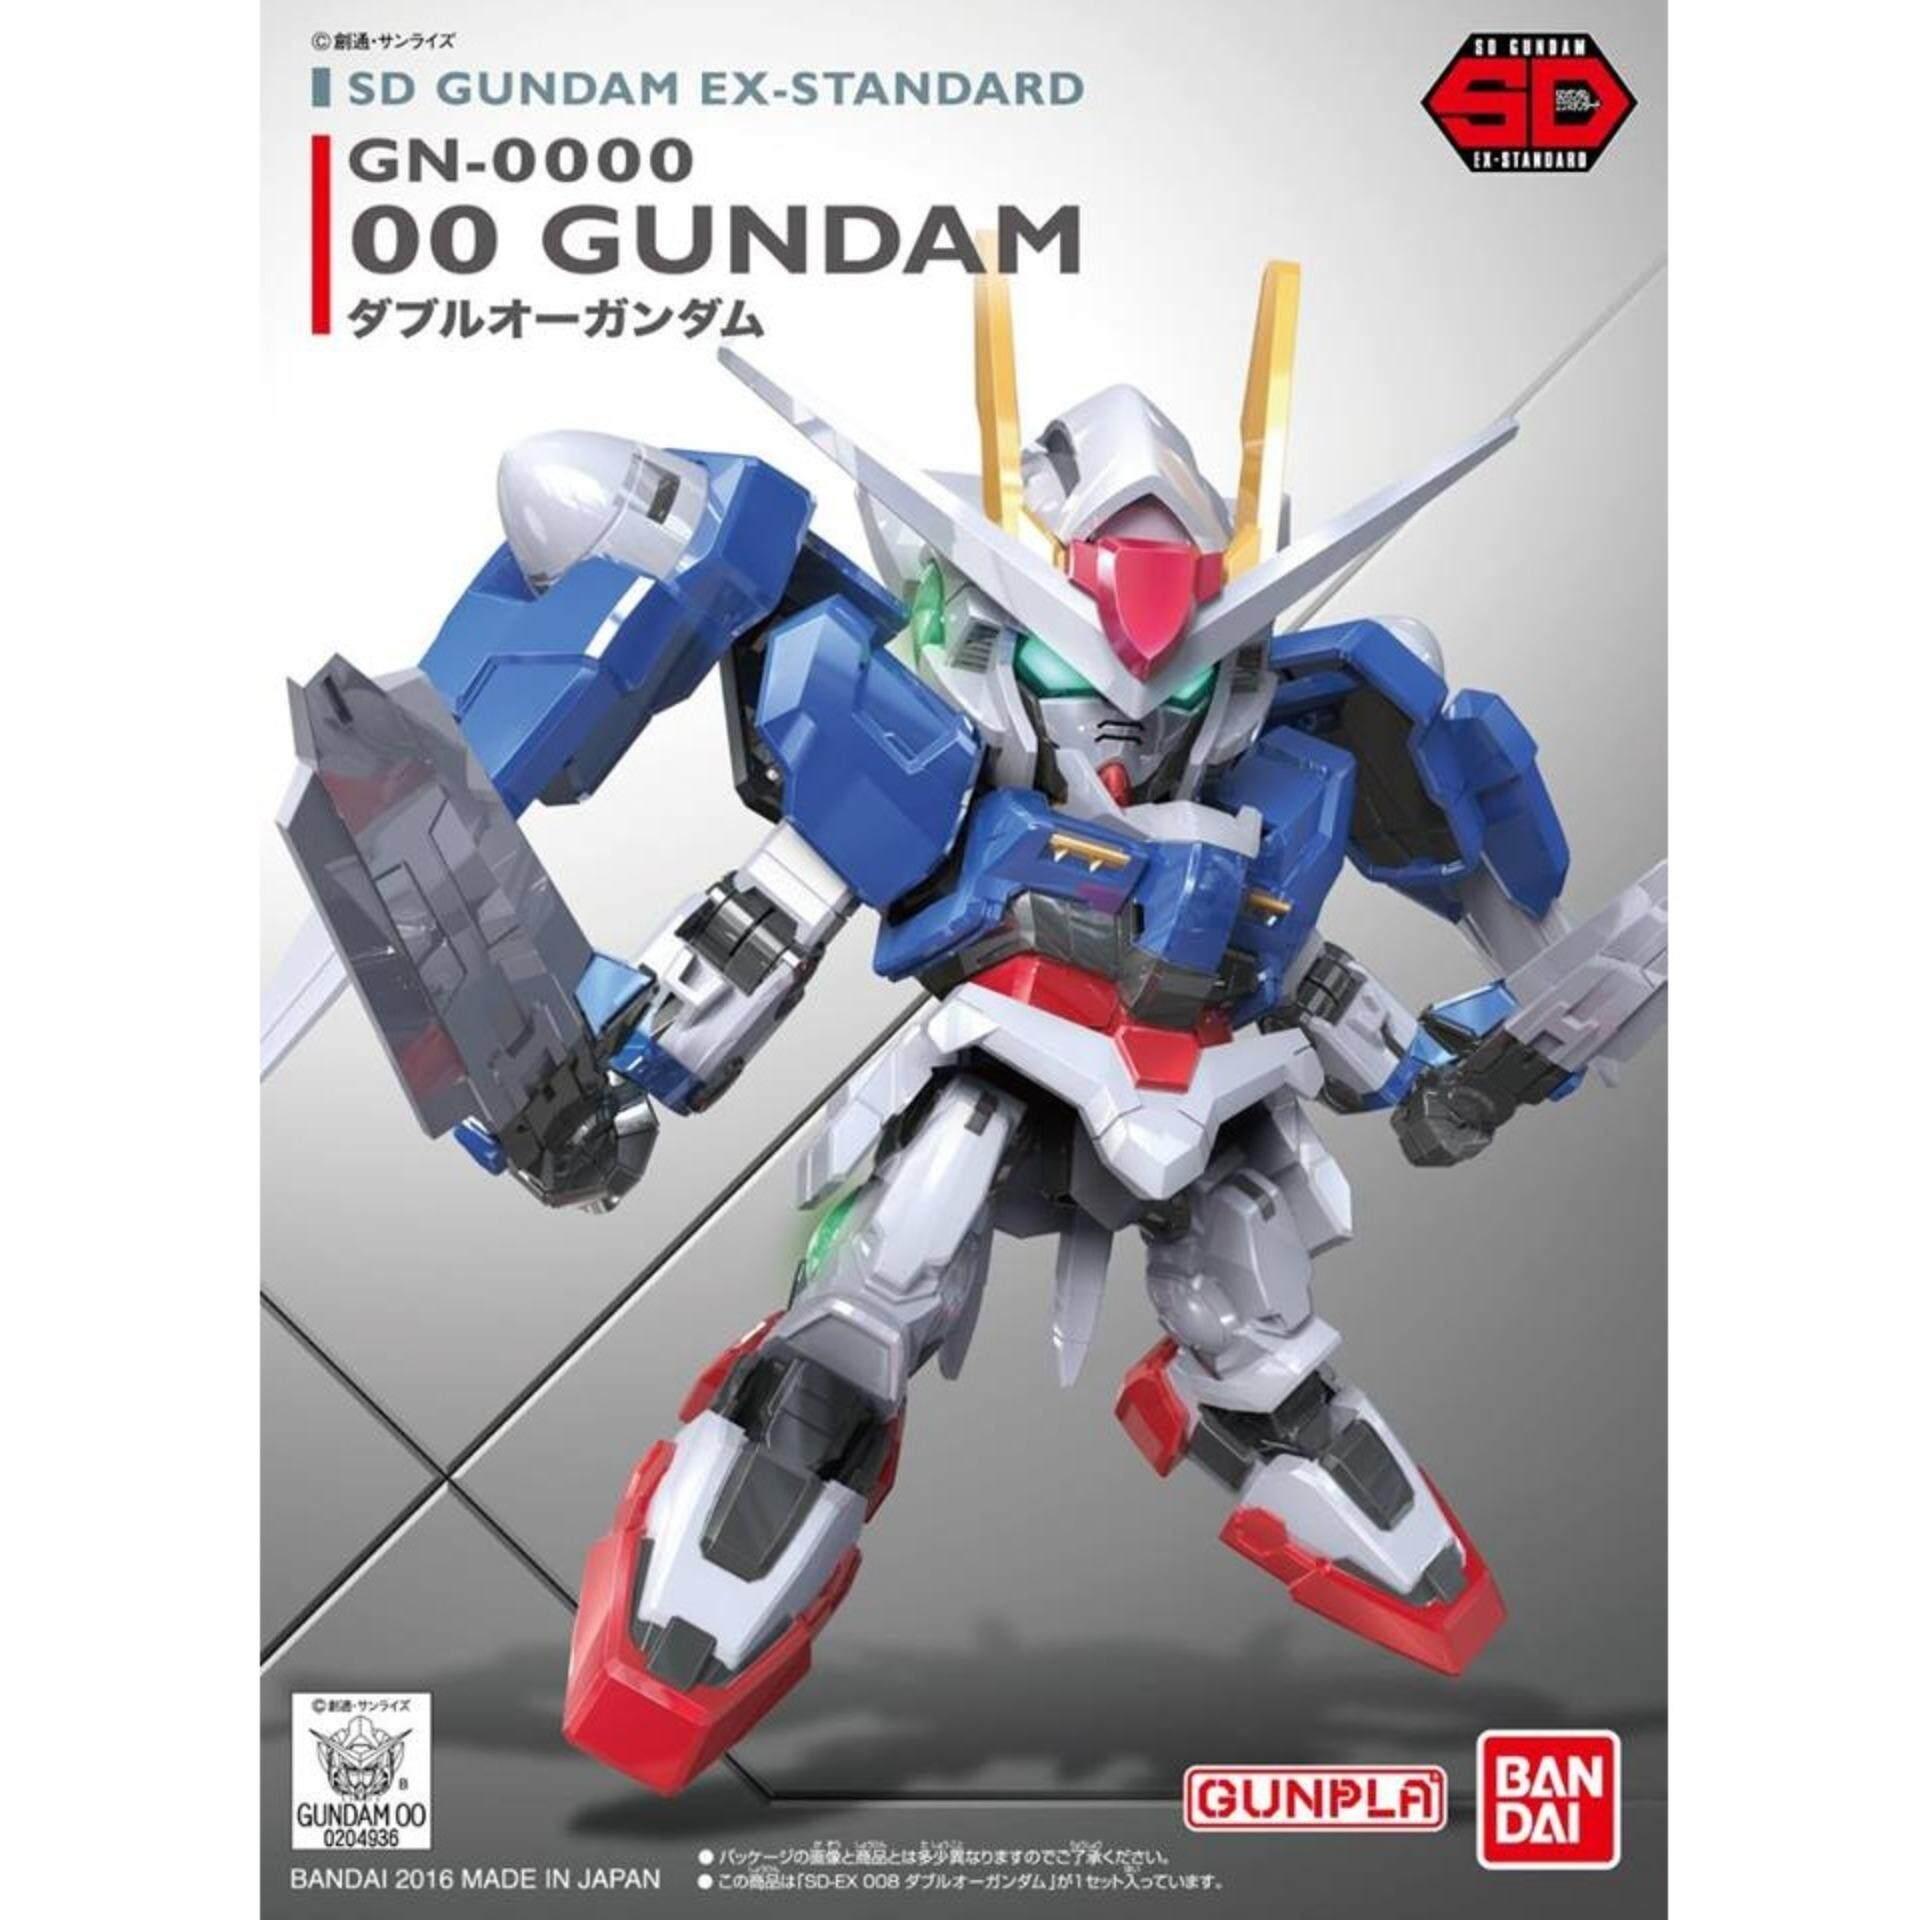 ราคา Bandai Sd Ex Standard 008 00 Gundam ราคาถูกที่สุด